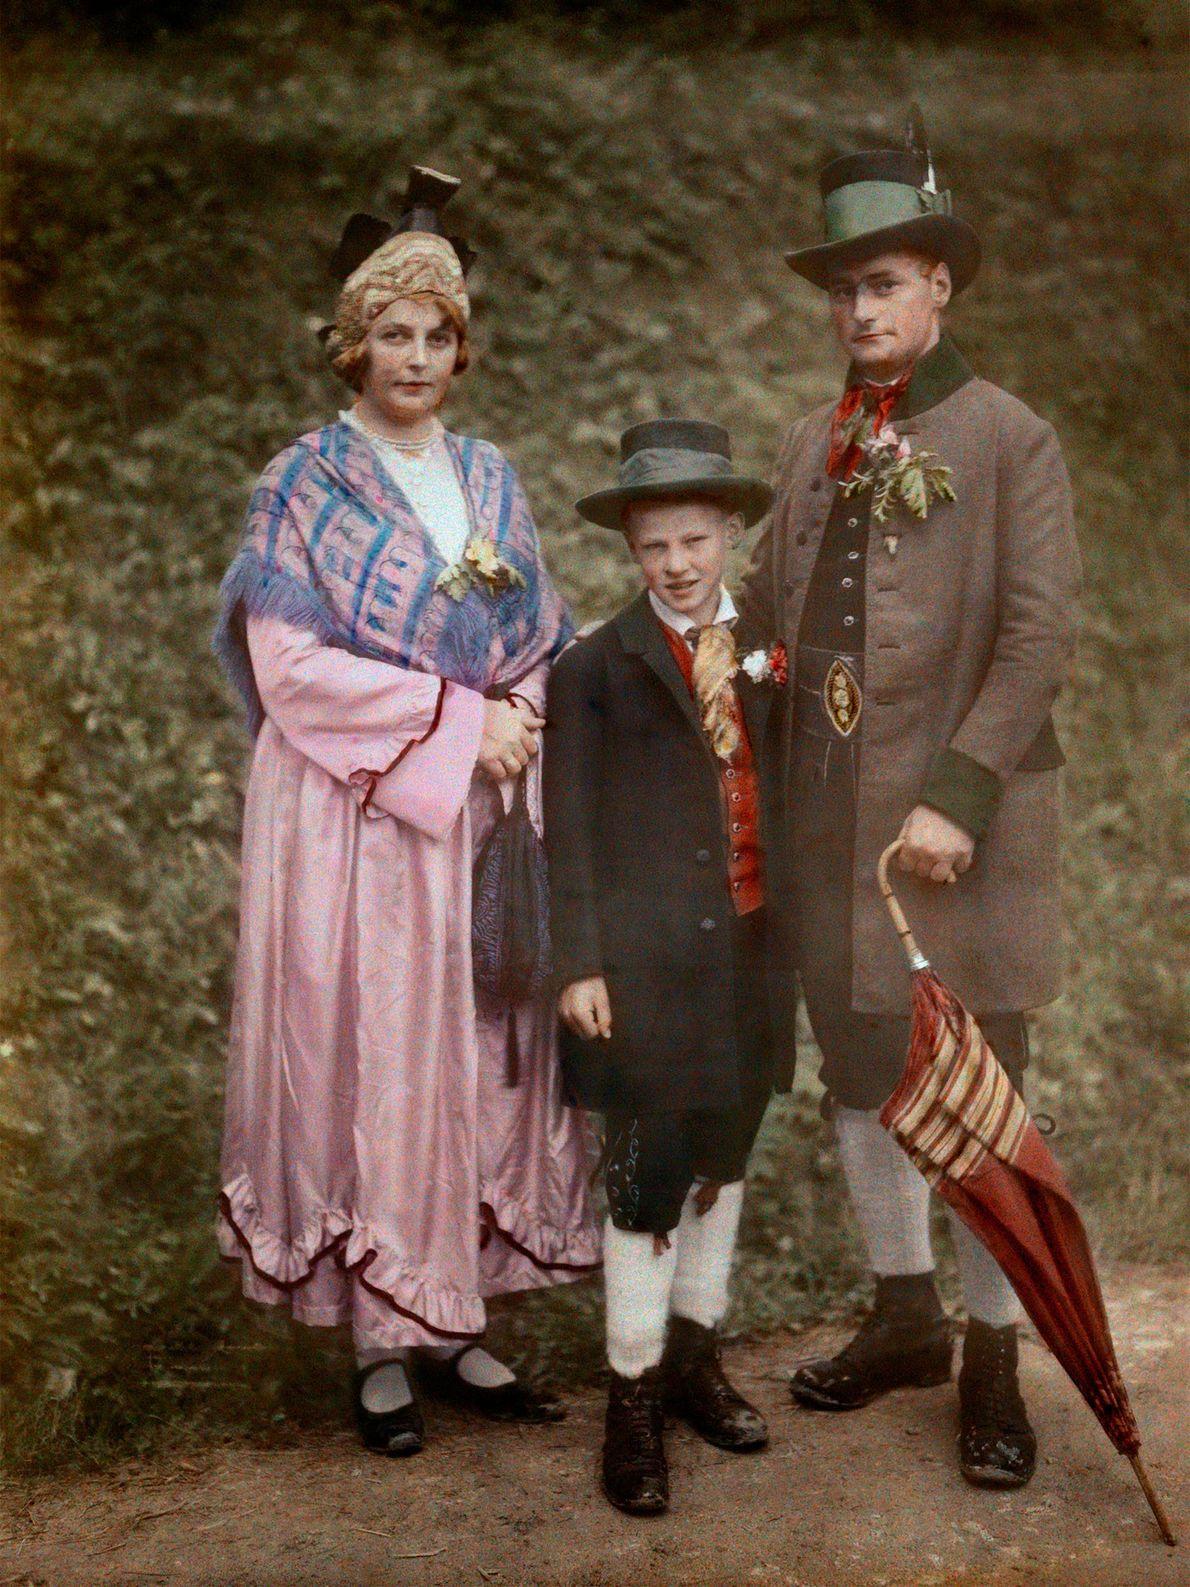 Eine österreichische Familie im frühen 20. Jahrhundert trägt Kleidung im Stile der Ära des Erzherzogs Johann ...